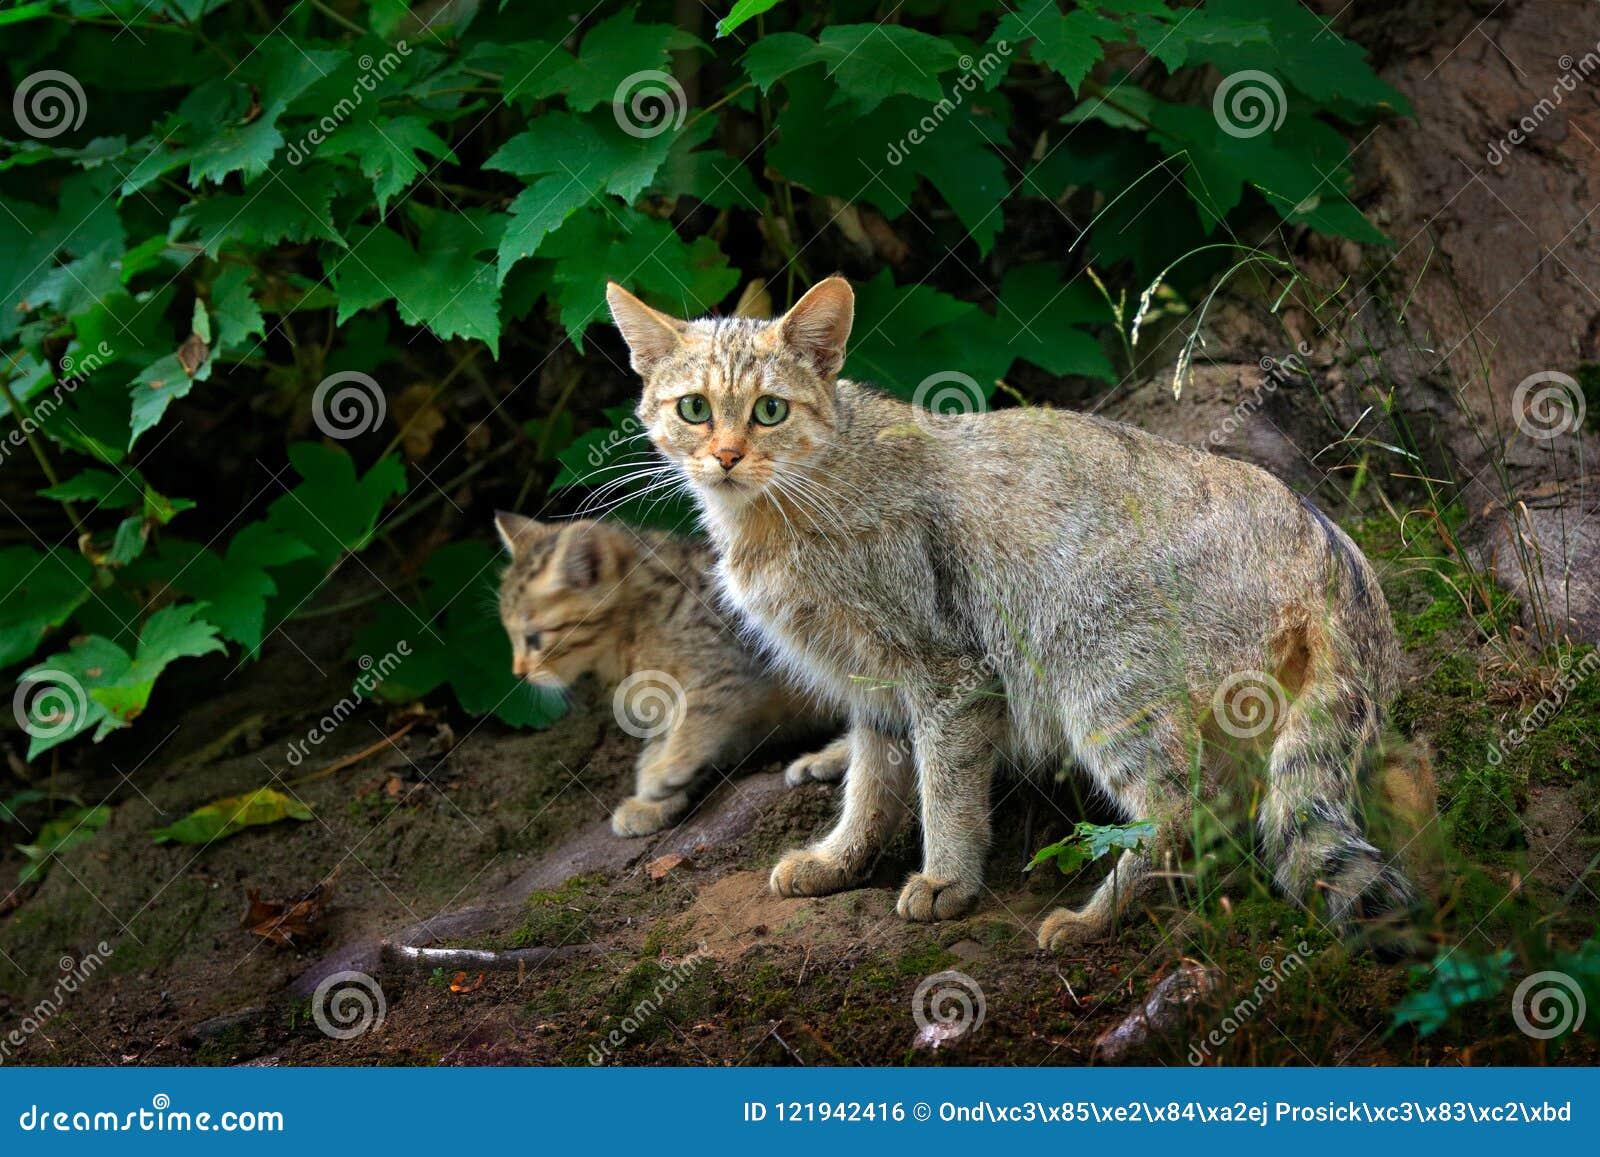 Gato selvagem com filhote, silvestris do Felis, animal no habitat da floresta da árvore da natureza, escondido no tronco de árvor